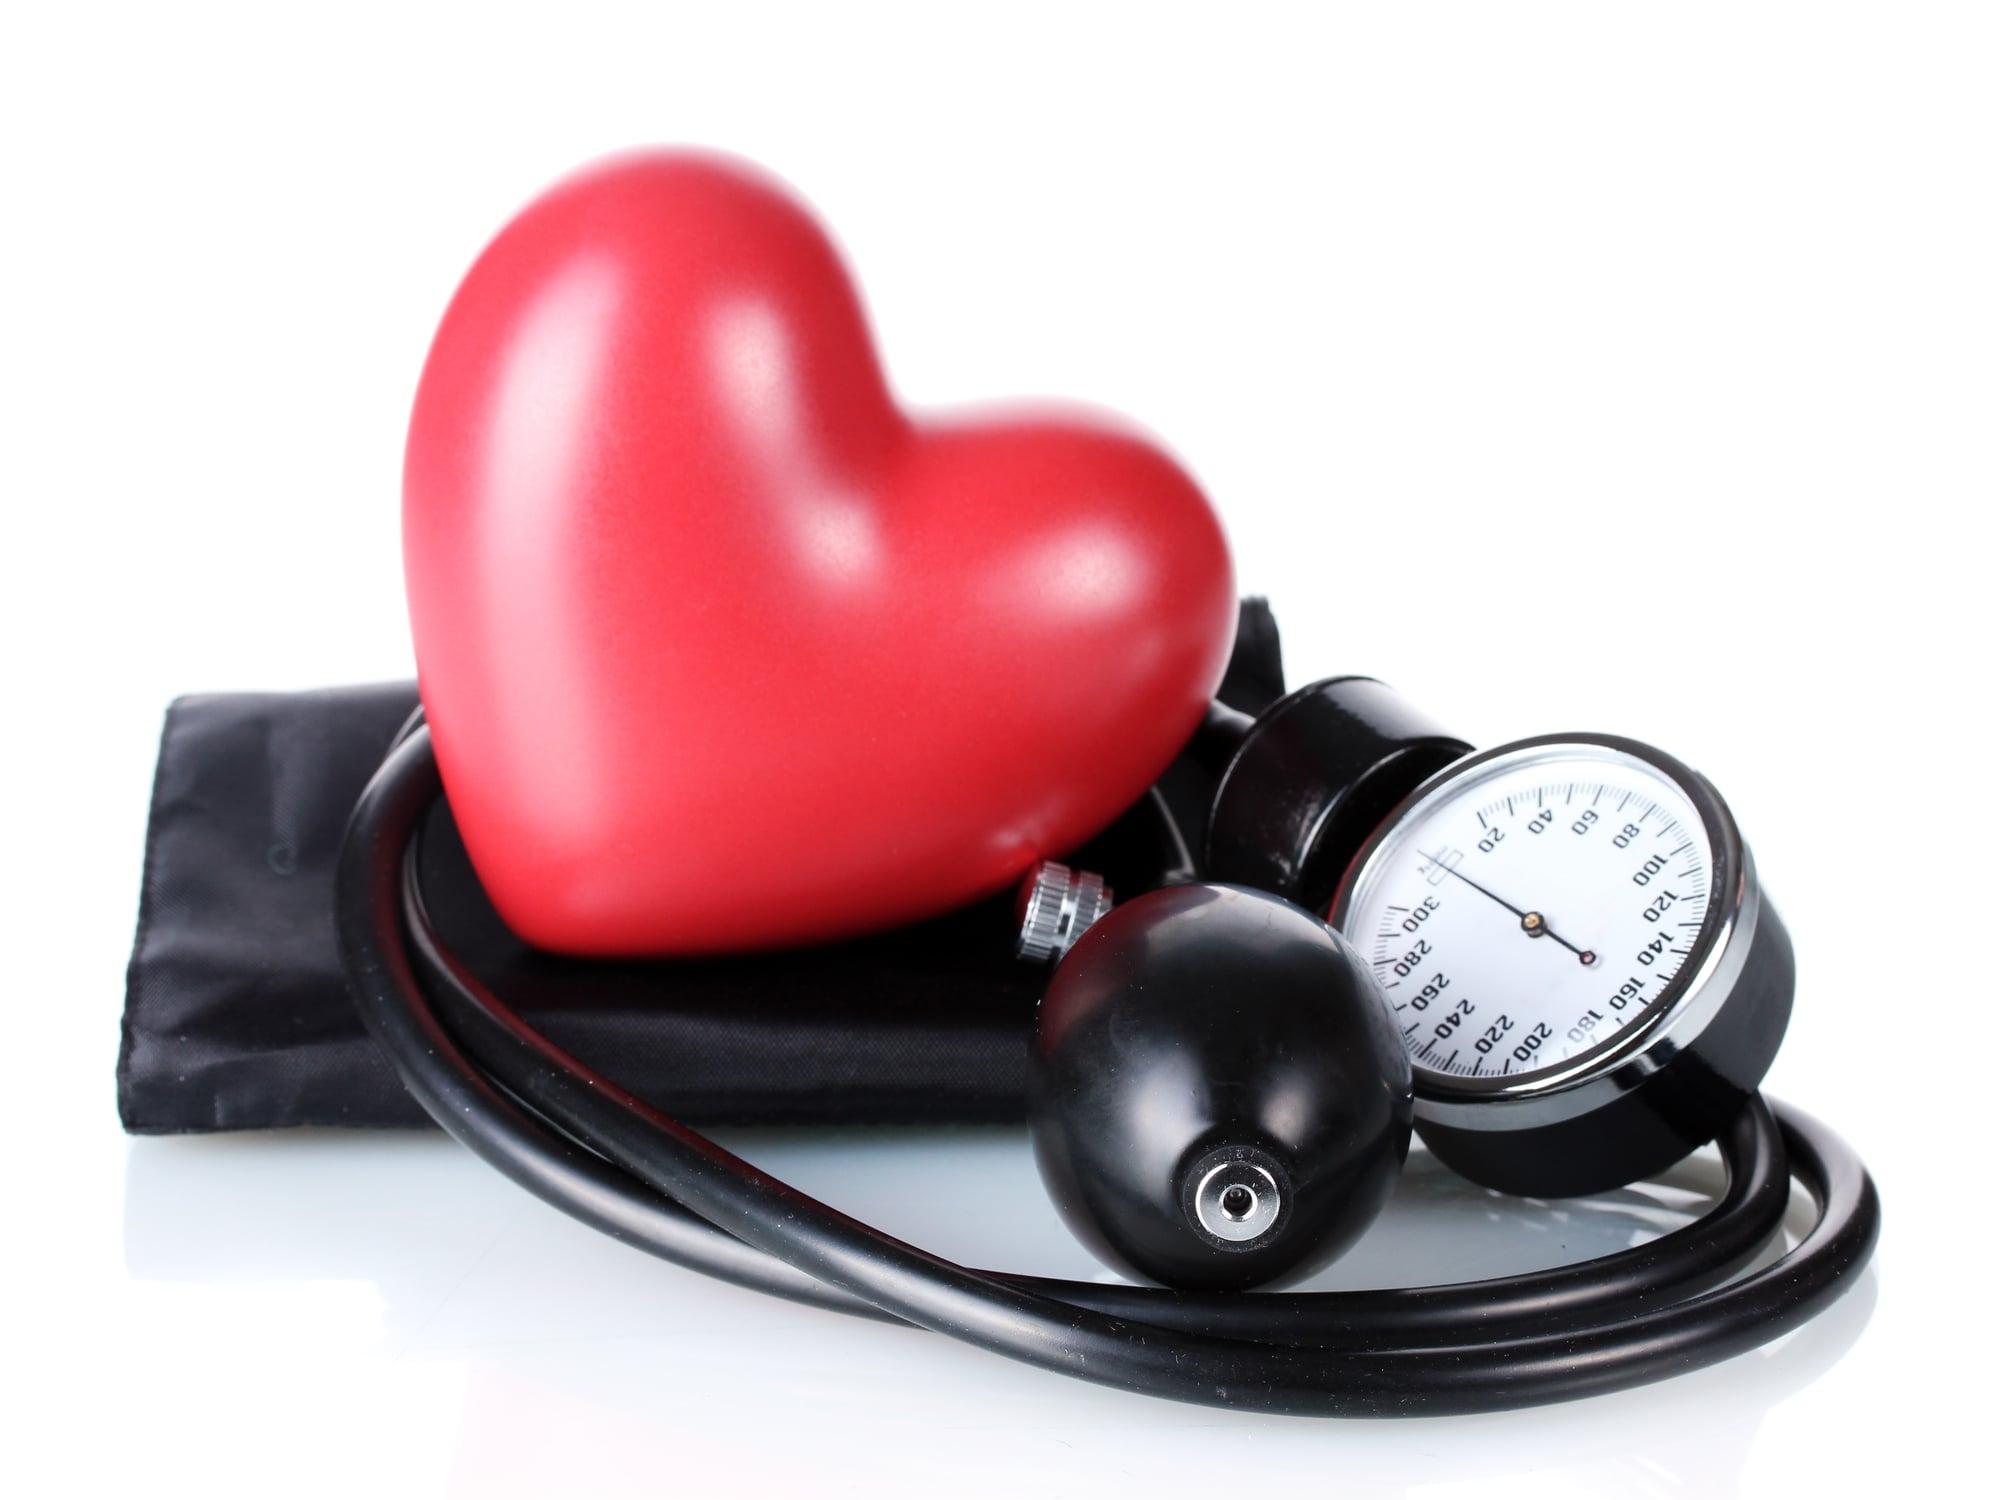 Blutdruck senkende Lebensmittel